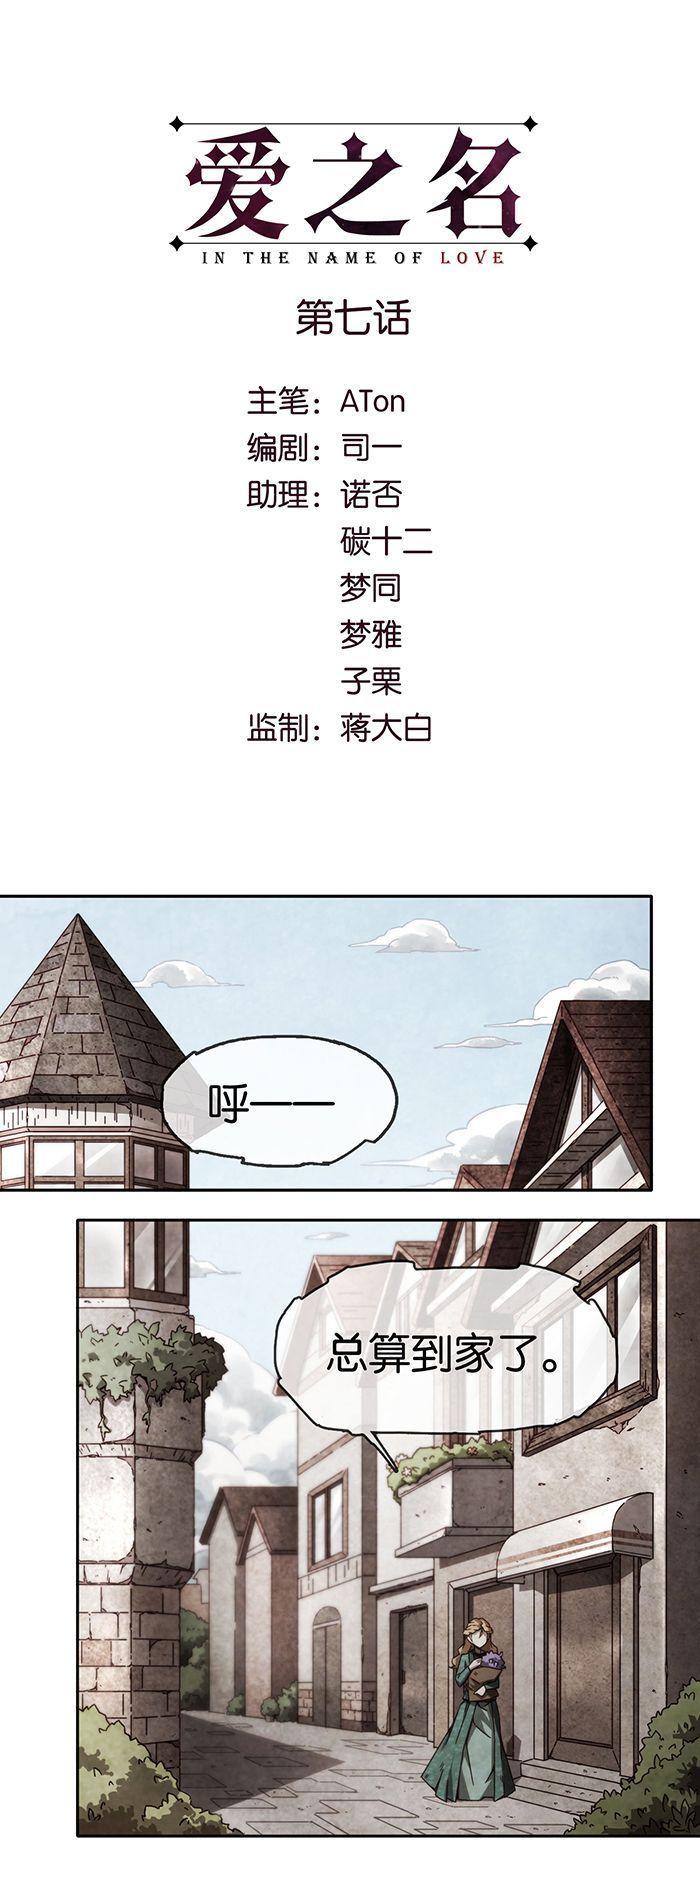 僵尸王漫画:《百诡谈》爱之名 第七话